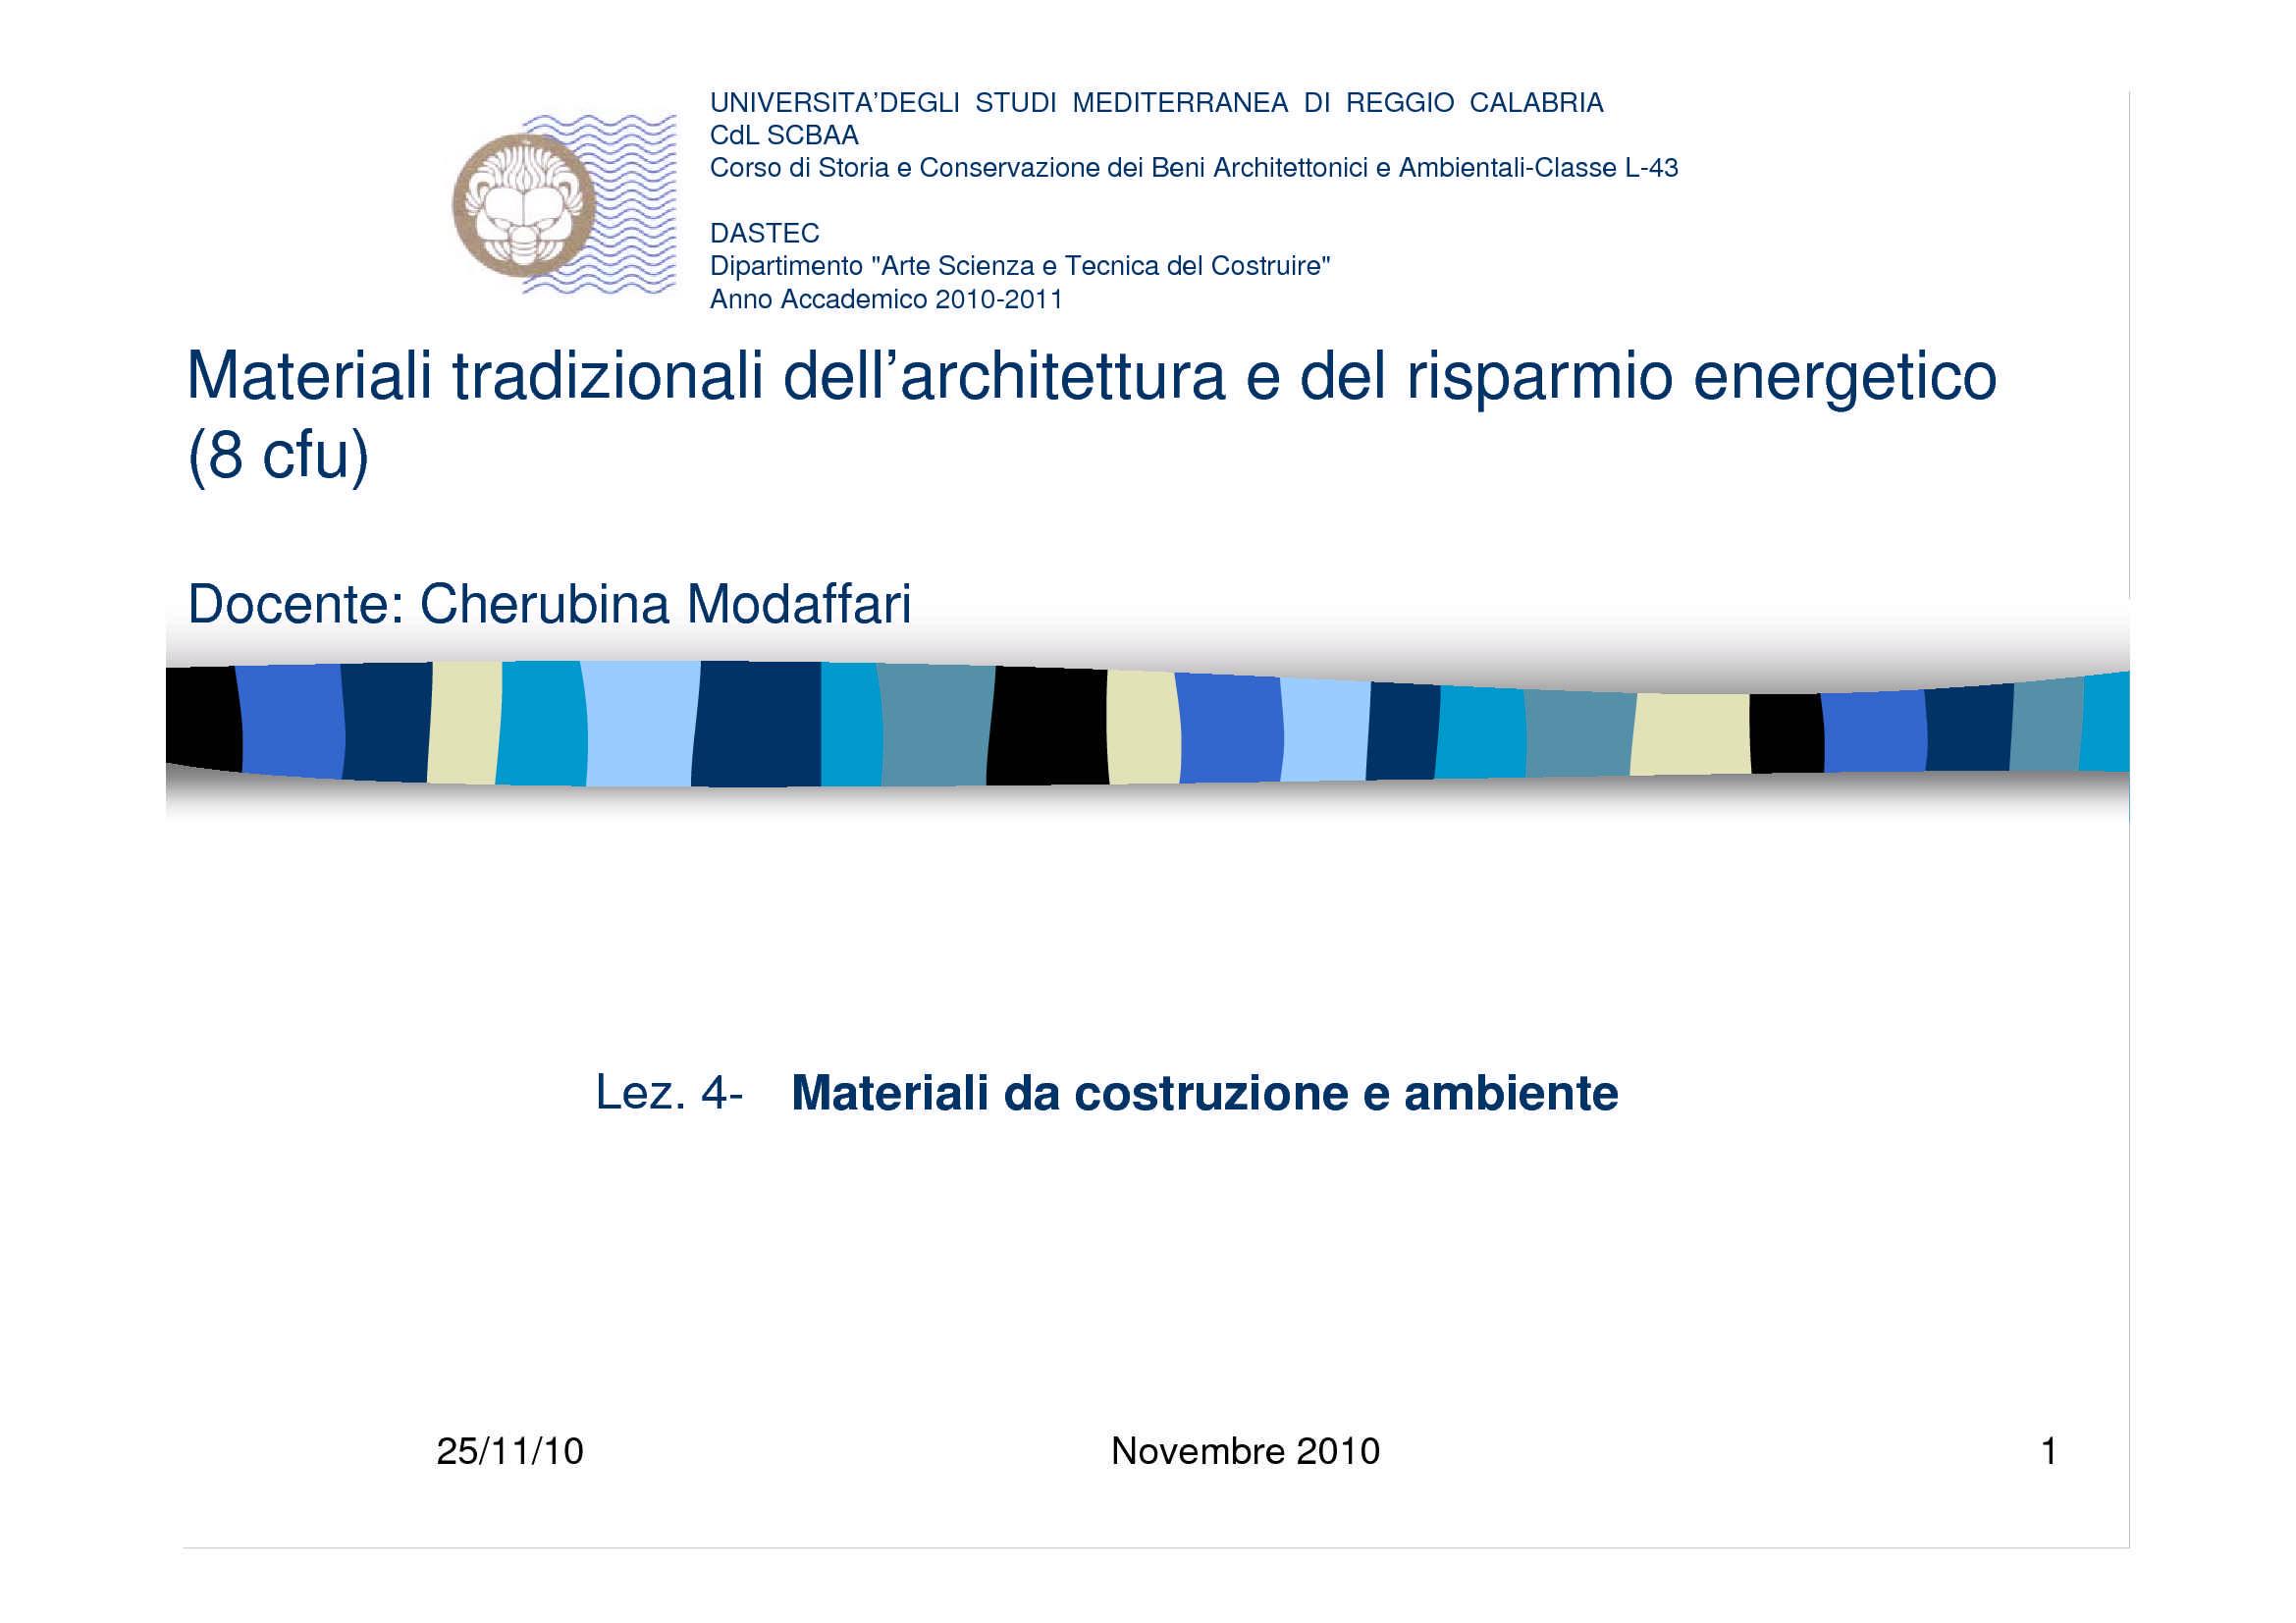 Materiali da costruzione e ambiente